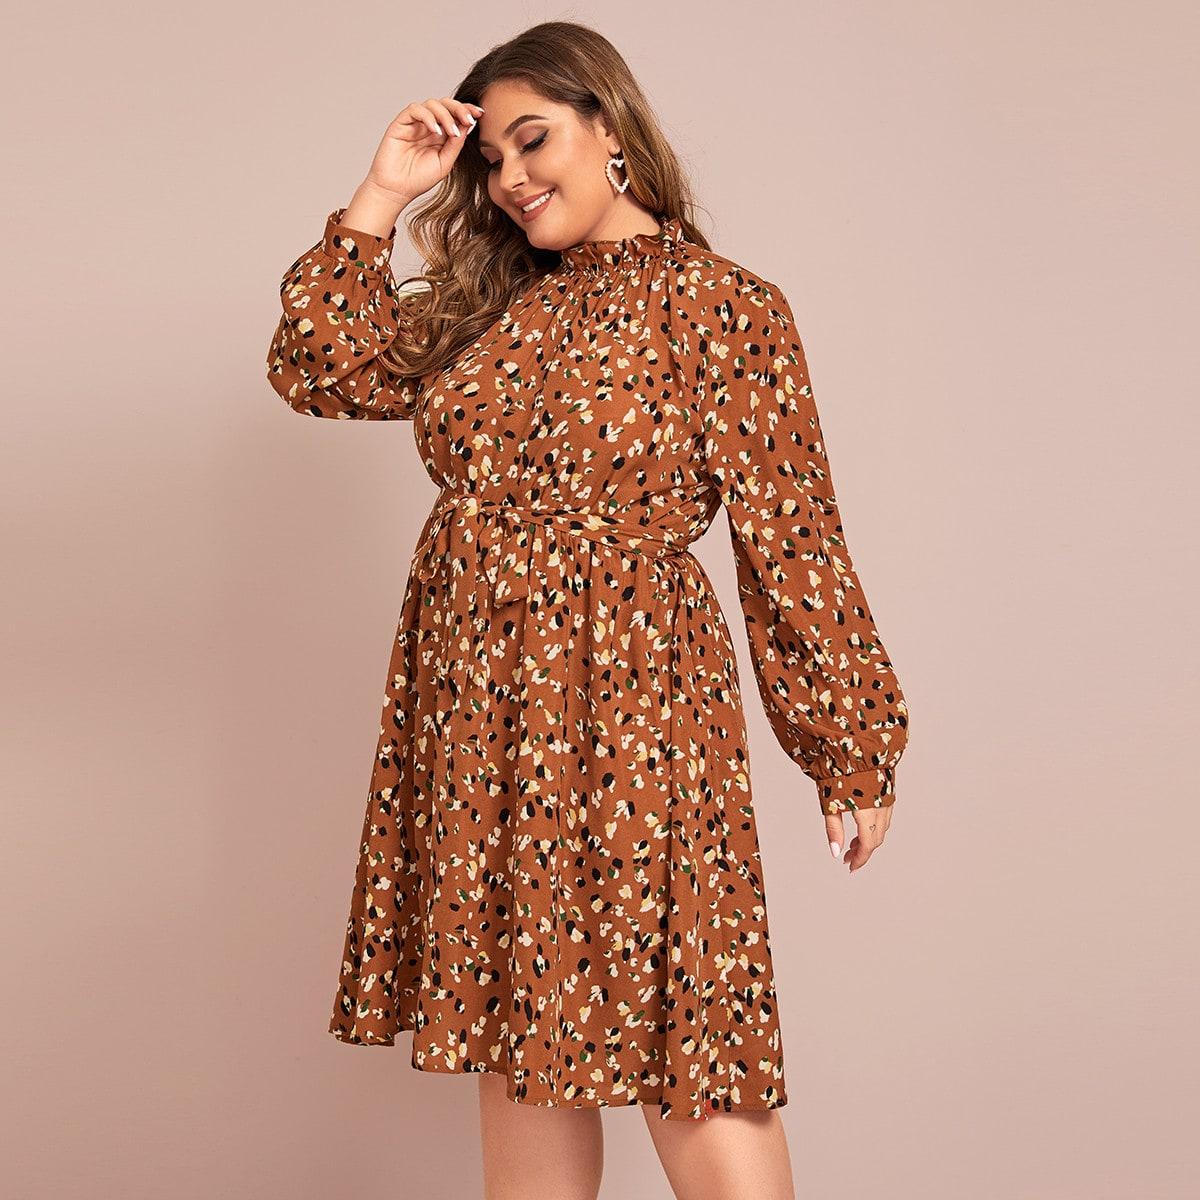 Расклешенное платье размера плюс с оригинальным принтом